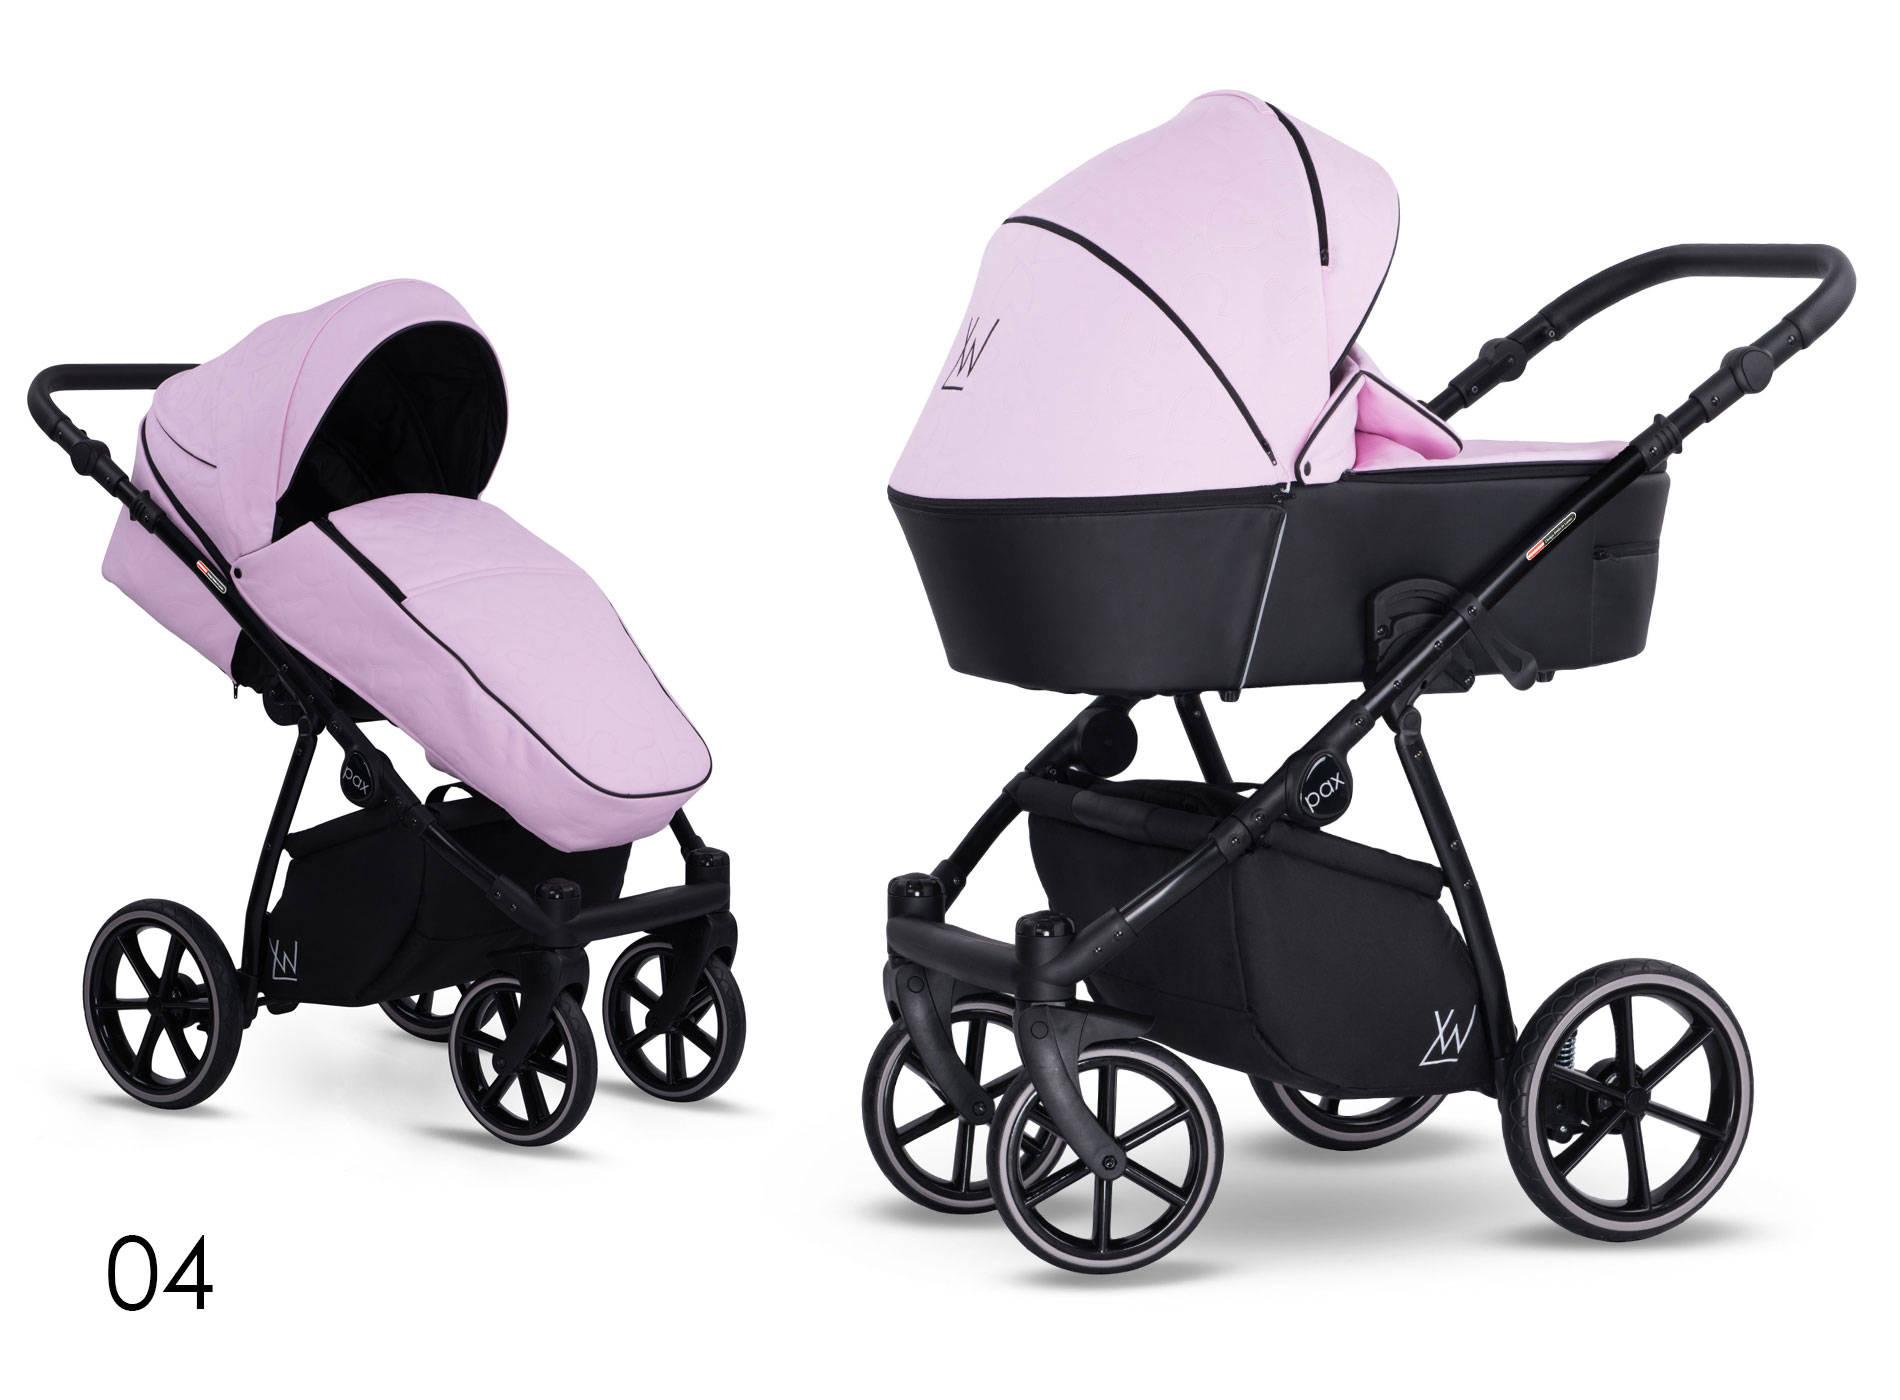 wózek wielofunkcyjny dziecięcy Pax Eco Lonex wzór kwiaty